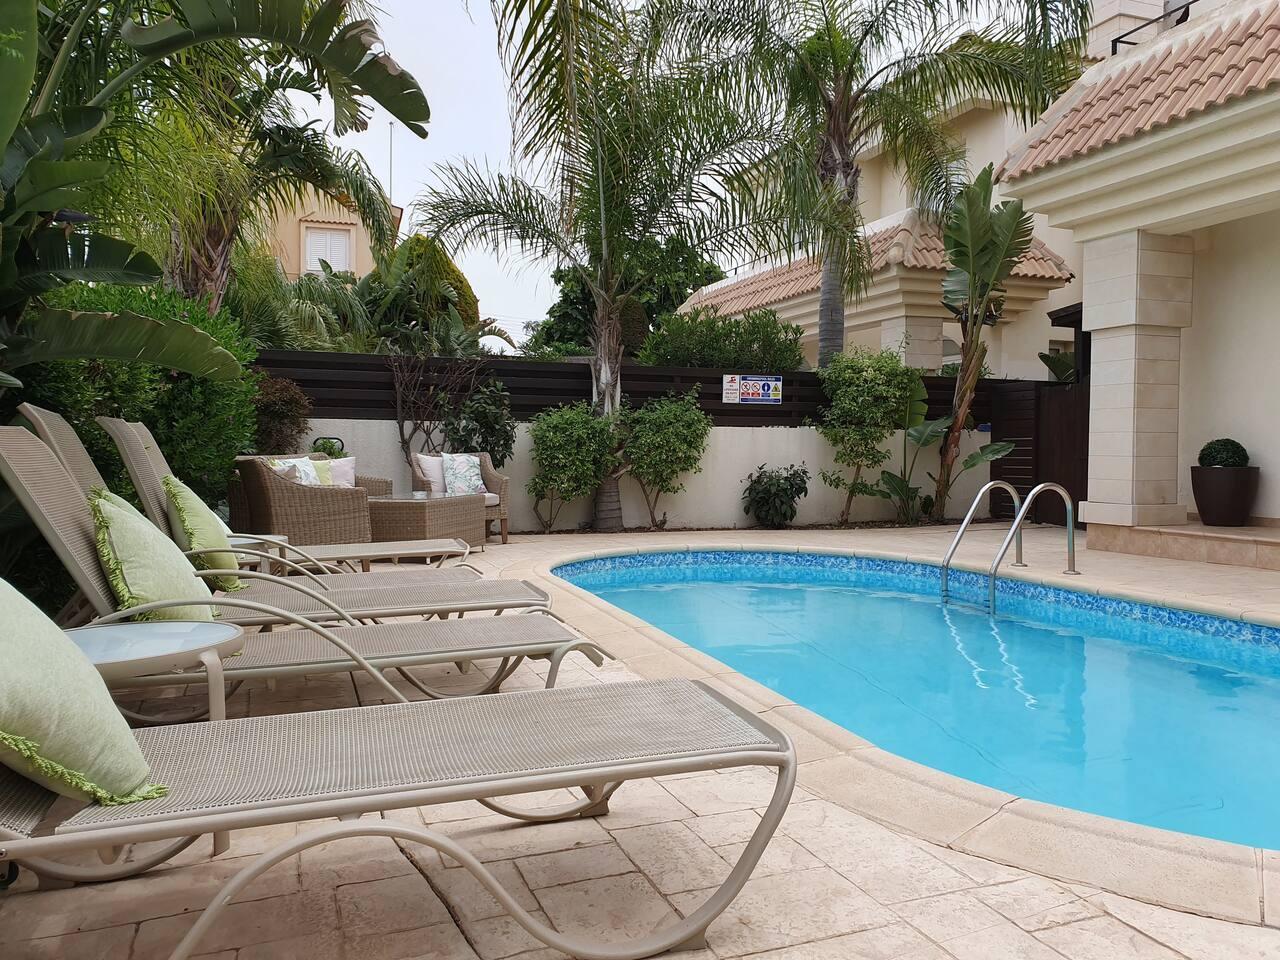 Apartment Villa Abbie - 2 Bedroom Villa with Private Pool photo 23934568